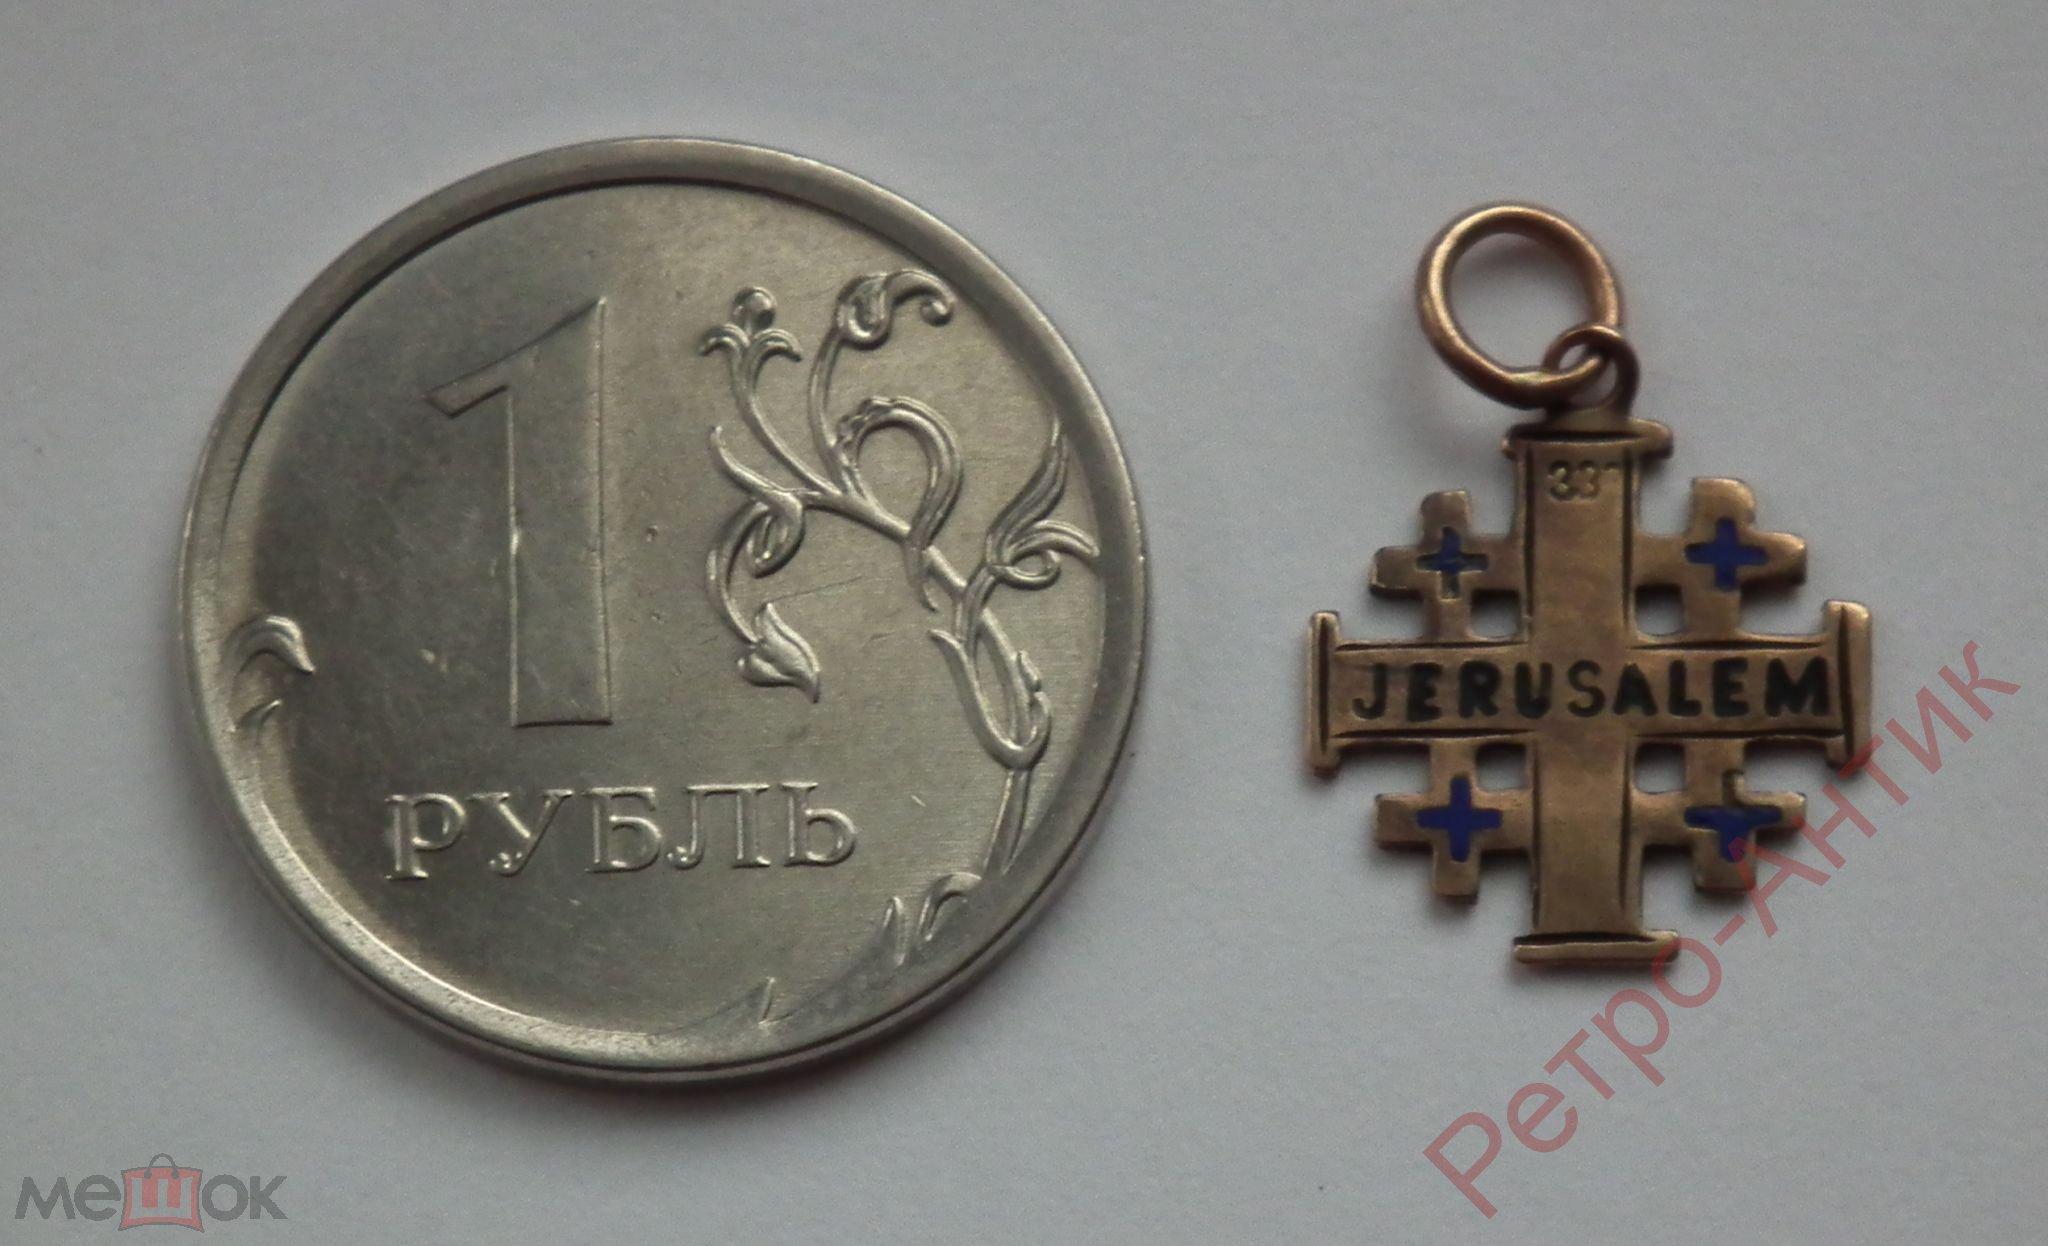 """Золотой католический нательный крестик """"Иерусалим"""", золото 333 пробы, эмаль, с 1 рубля"""